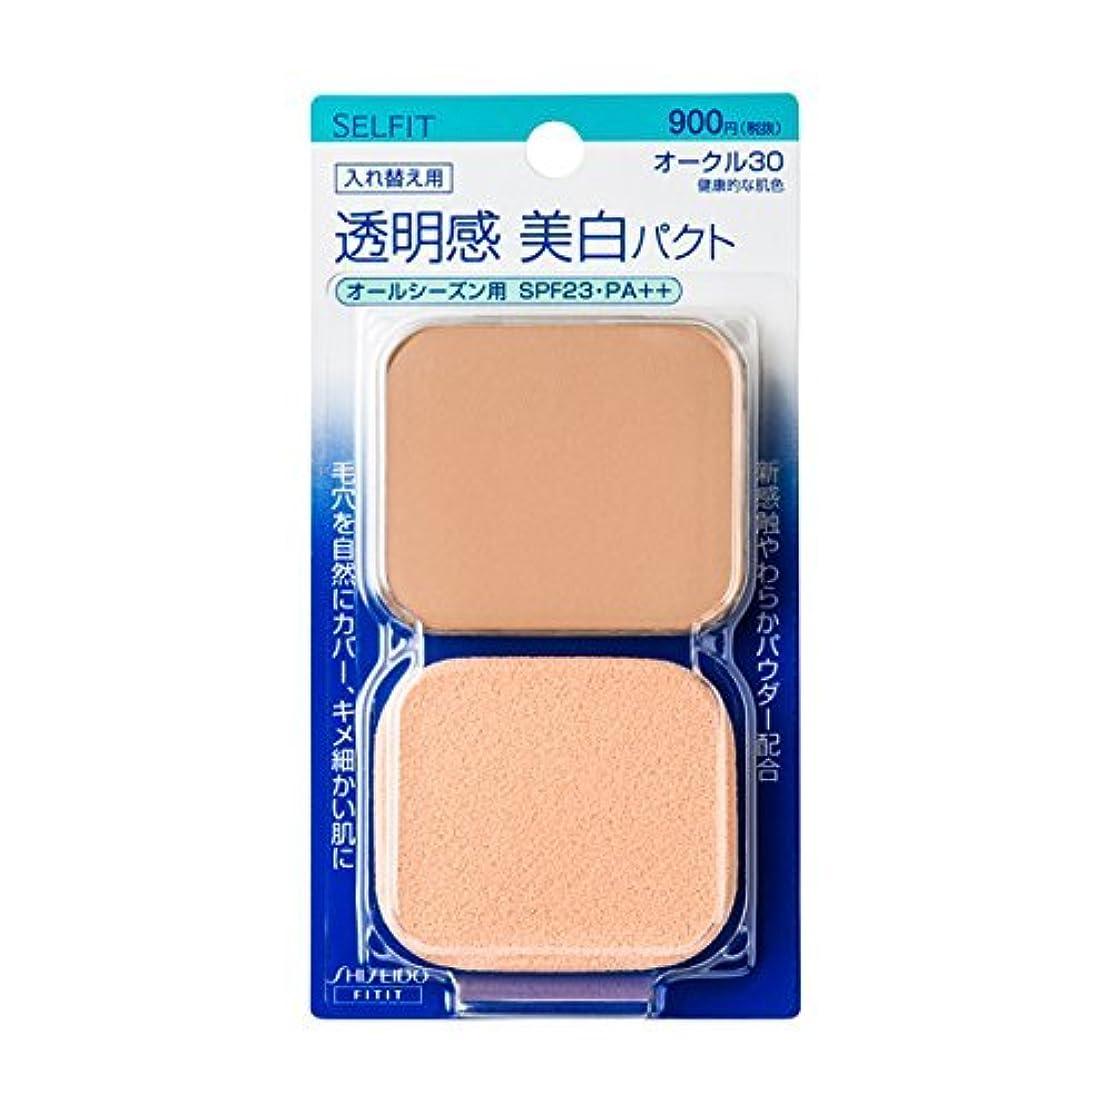 講義行小川セルフィット ピュアホワイトファンデーション オークル30 (レフィル) 13g×6個